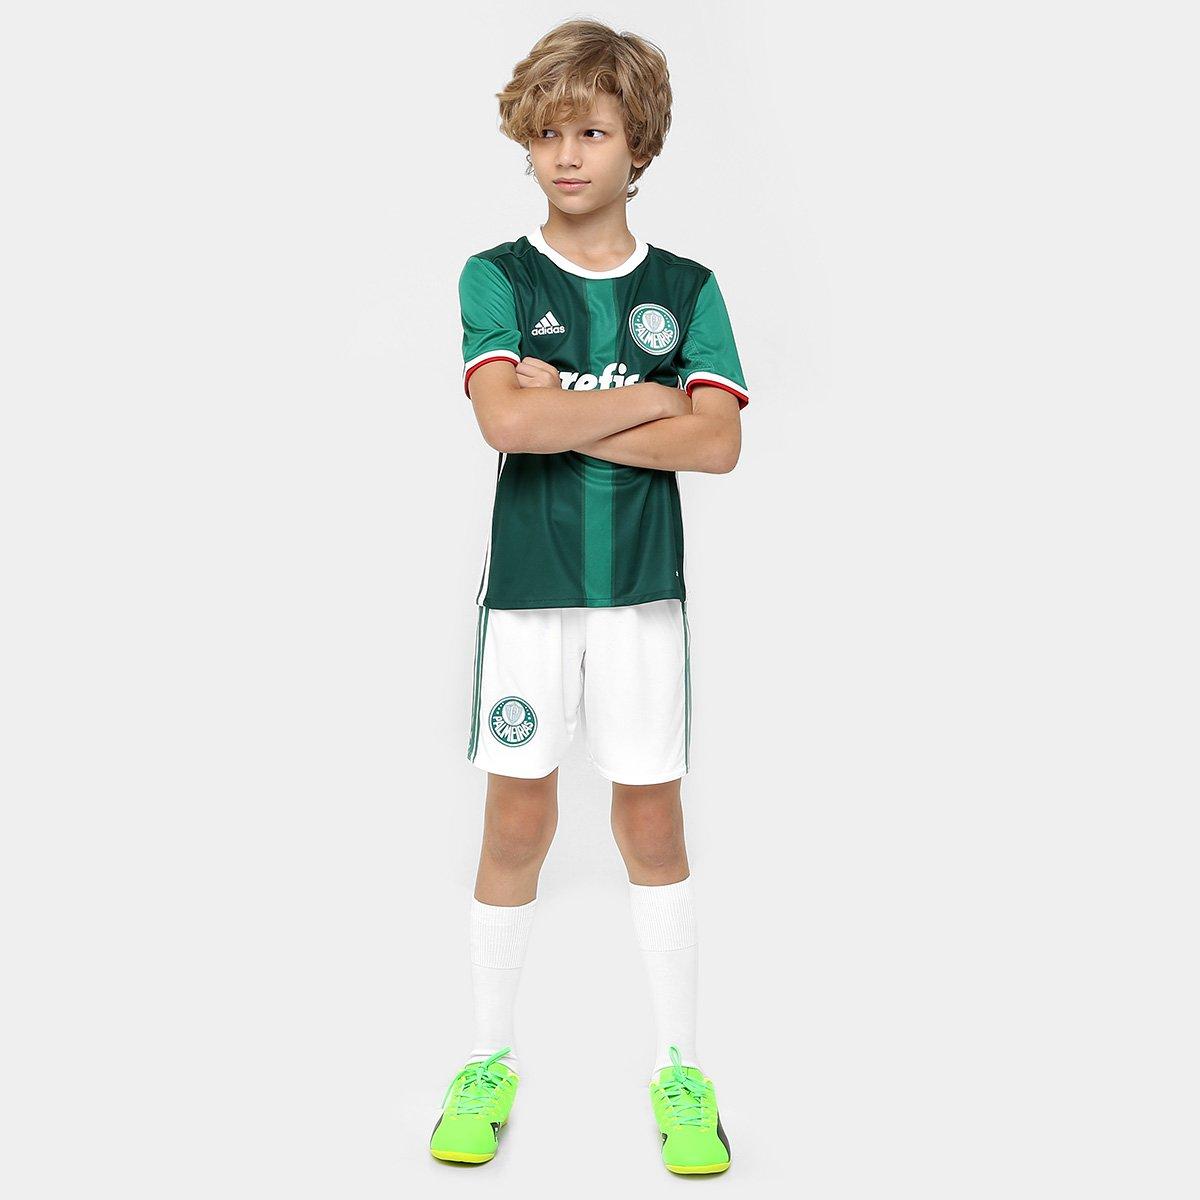 Camisa Palmeiras Infantil I 2016 s nº - Torcedor Adidas - Compre ... c447631b1ea46